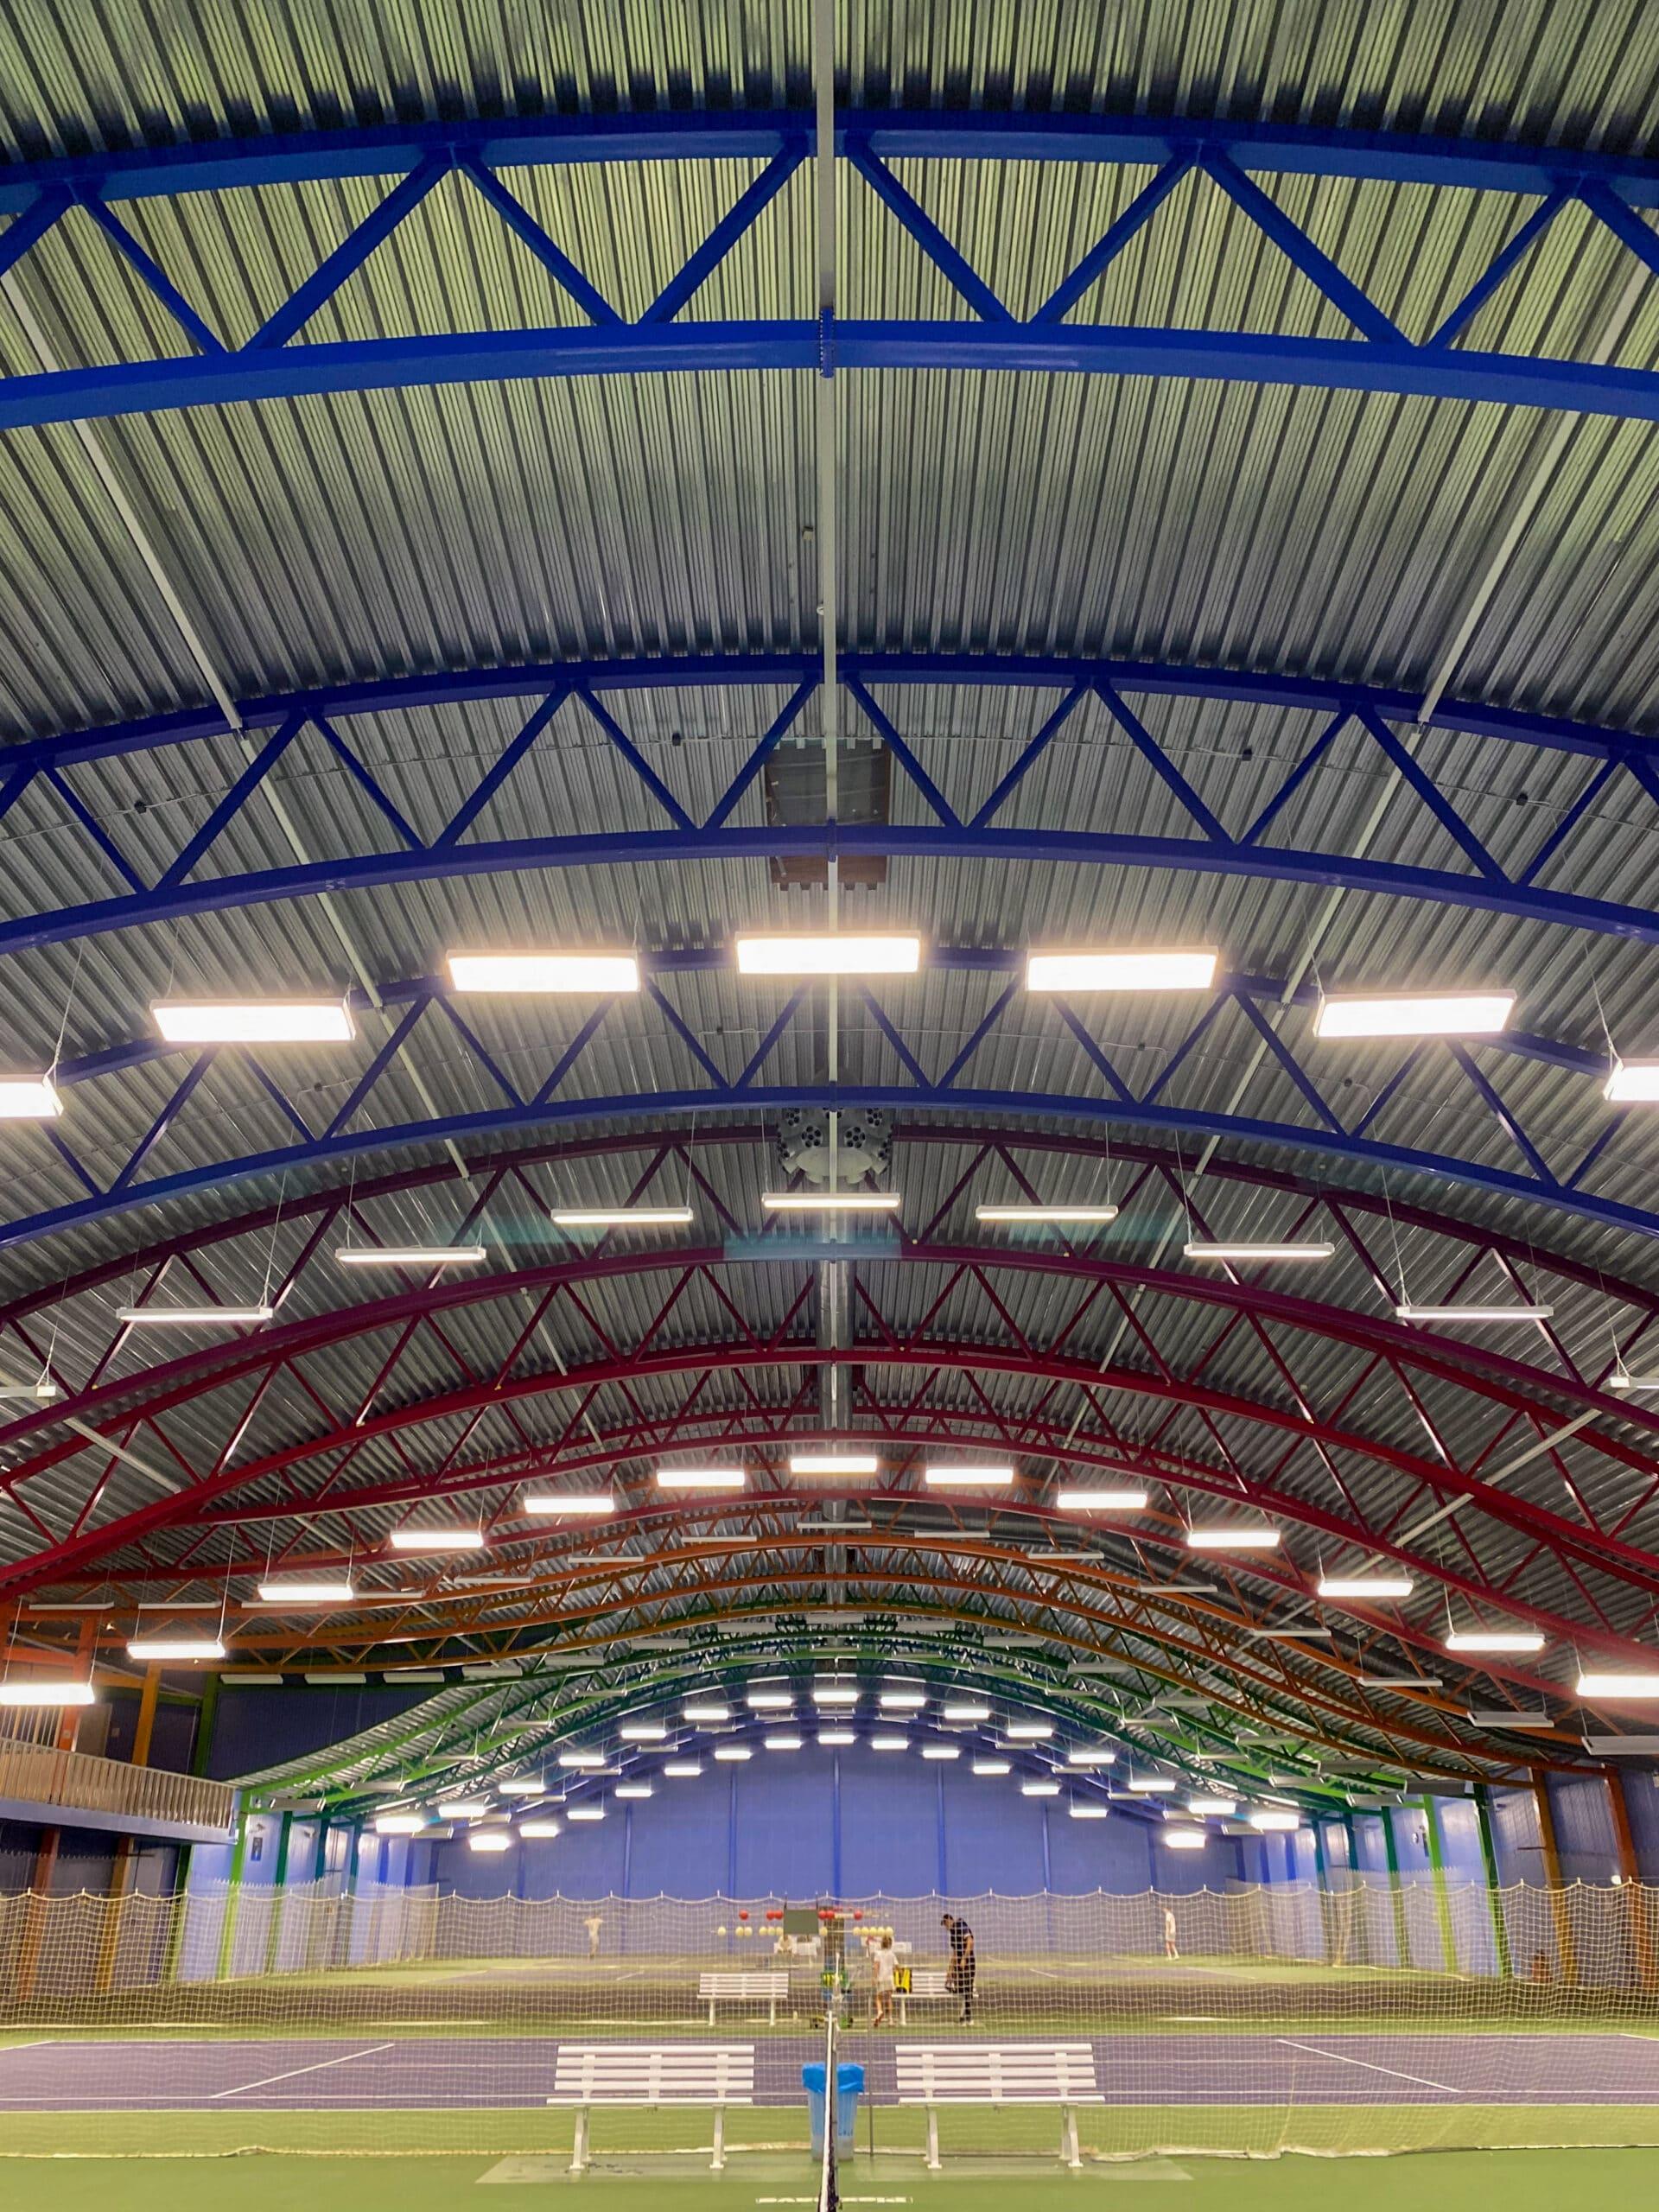 Dali pro styring og sensorstyring af lyset for energioptimering